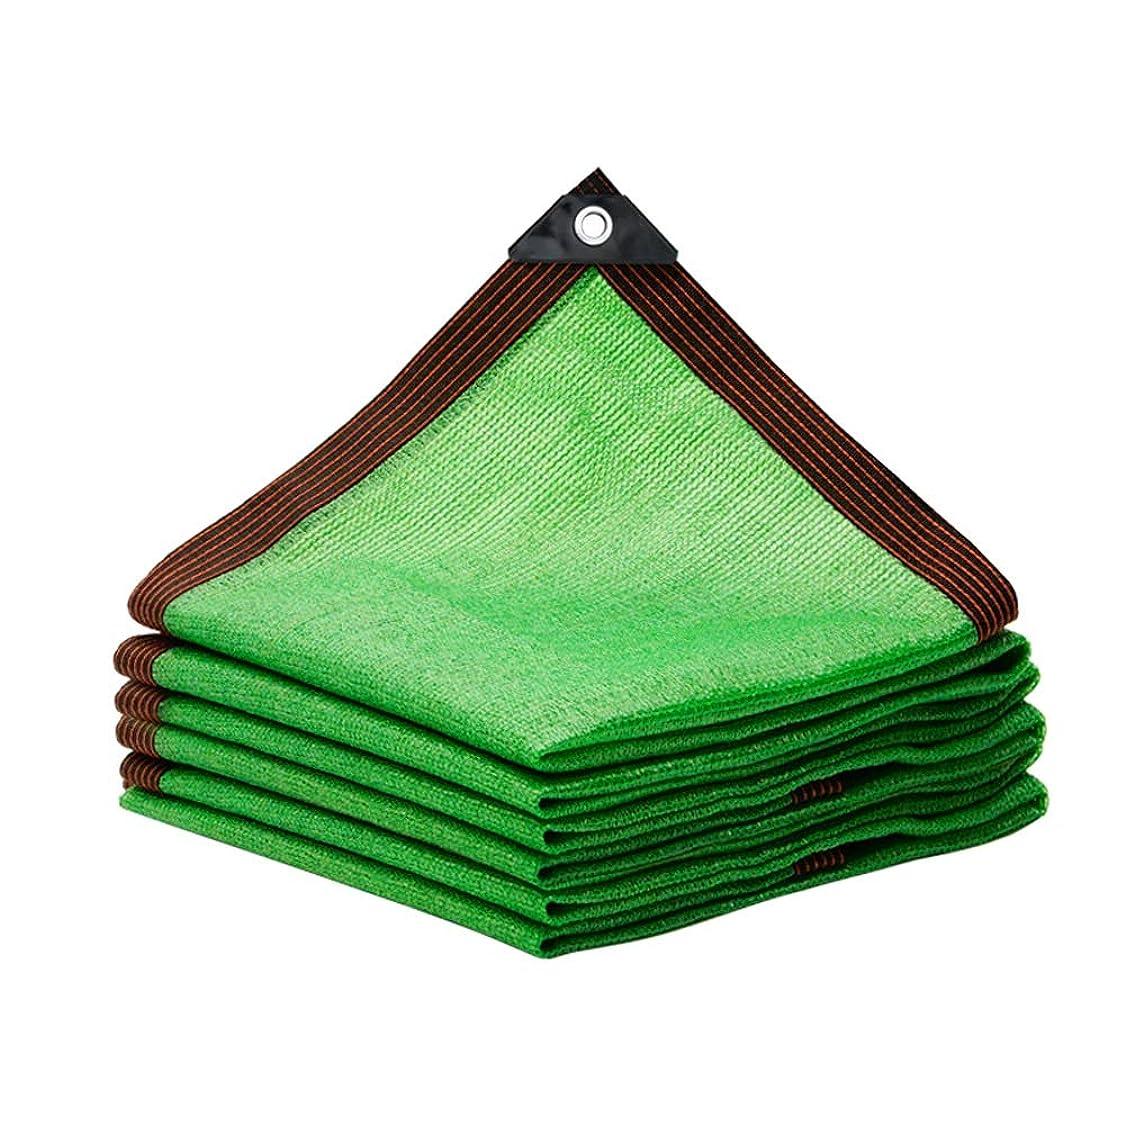 ペッカディロ適合しましたクレジットガーデン遮光ネッ カーポート温室屋根に使用される80%のグリーンサンスクリーンシェード布 ZHGING (Color : Green, Size : 8x10m)